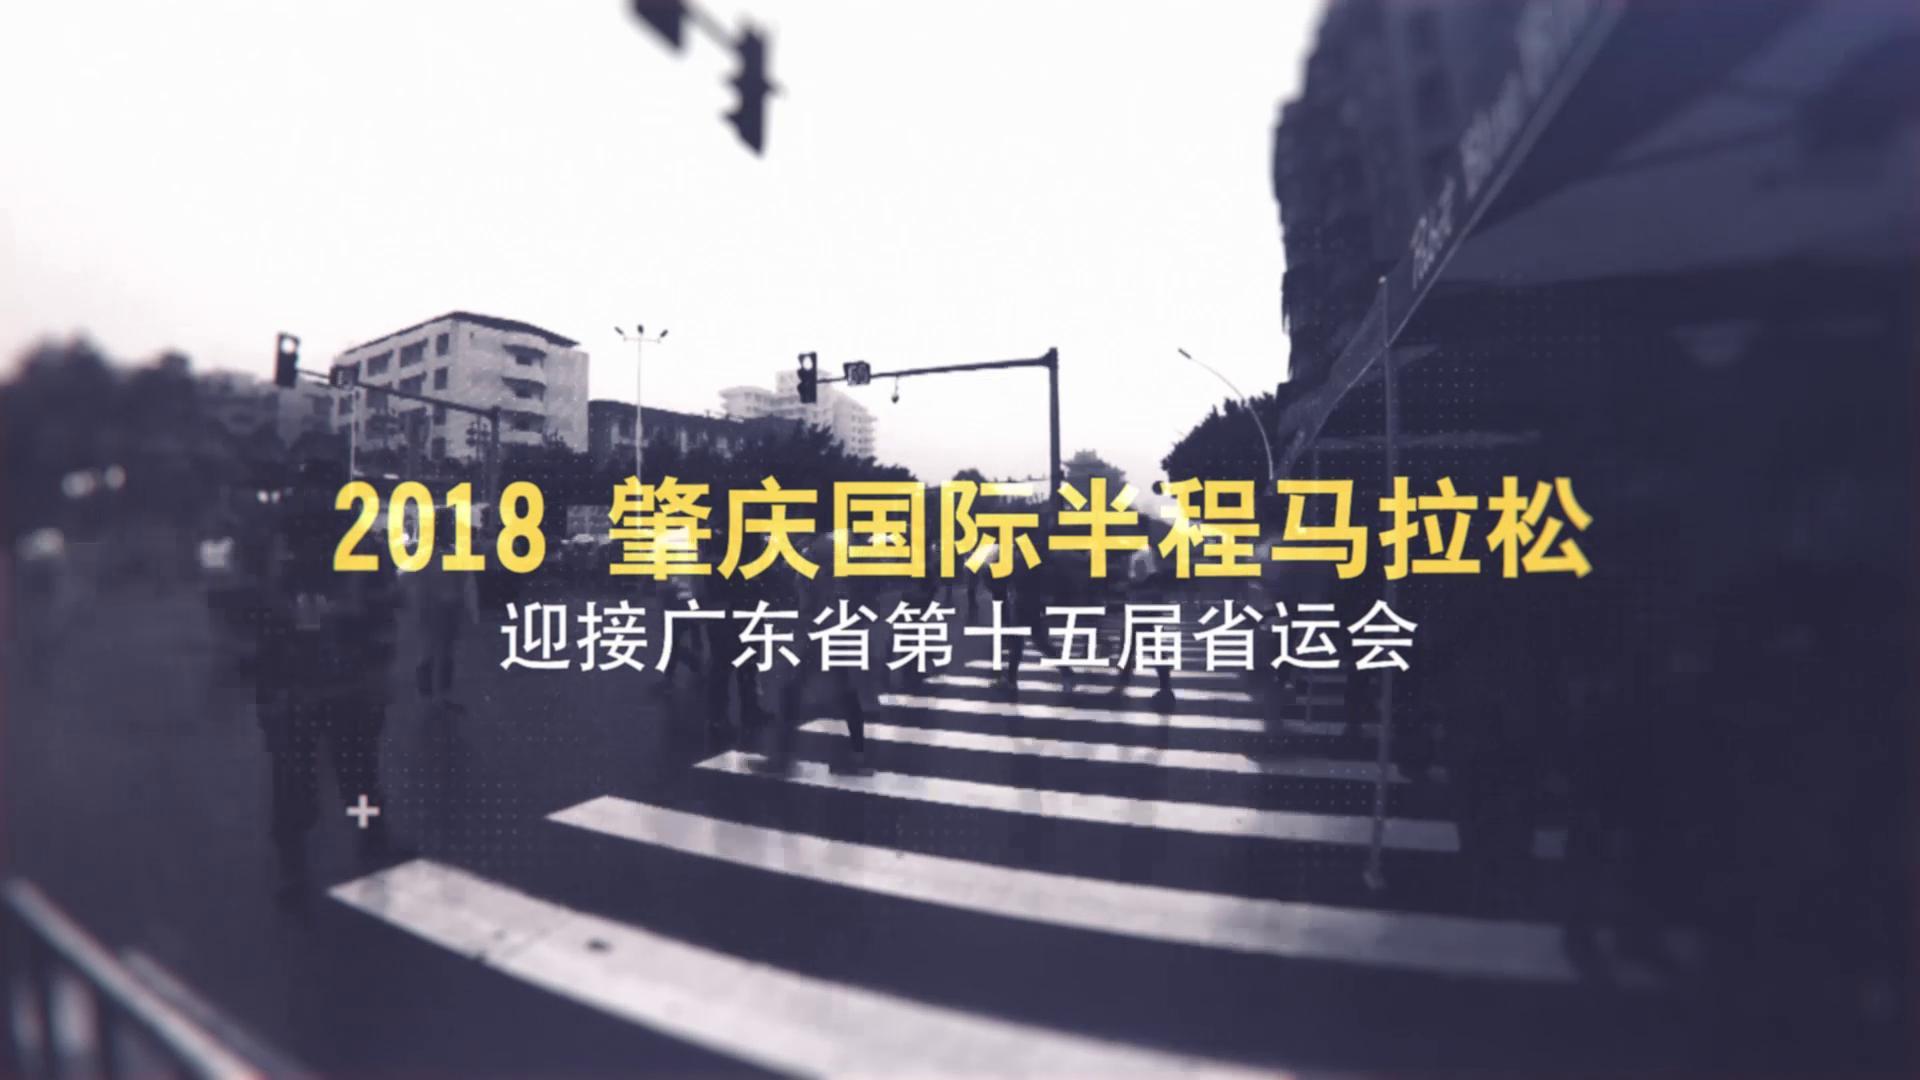 2018肇马直播预热视频